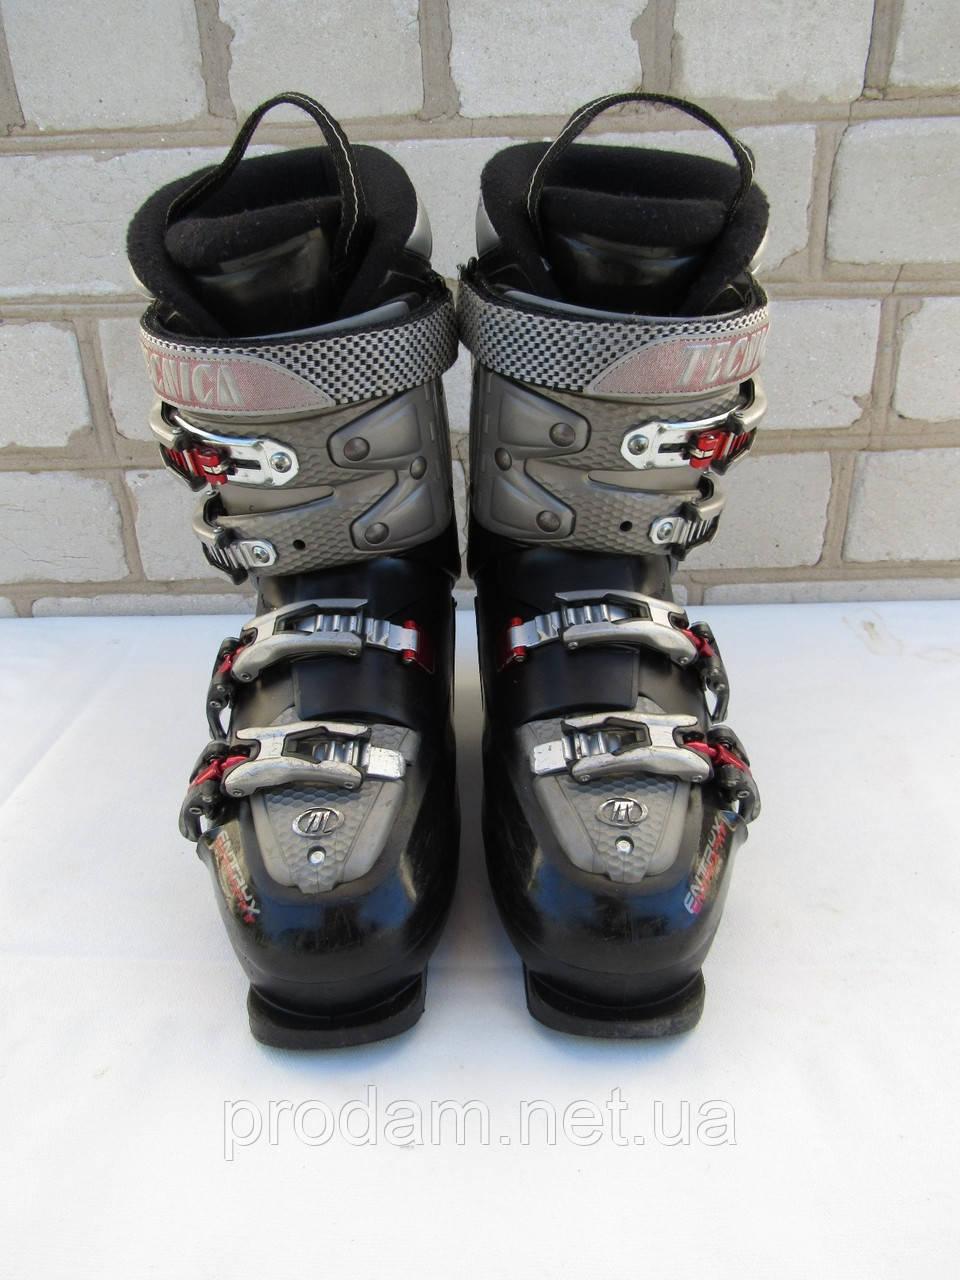 Ботинки лыжные Tecnica comfort Fit, розмір 27 см